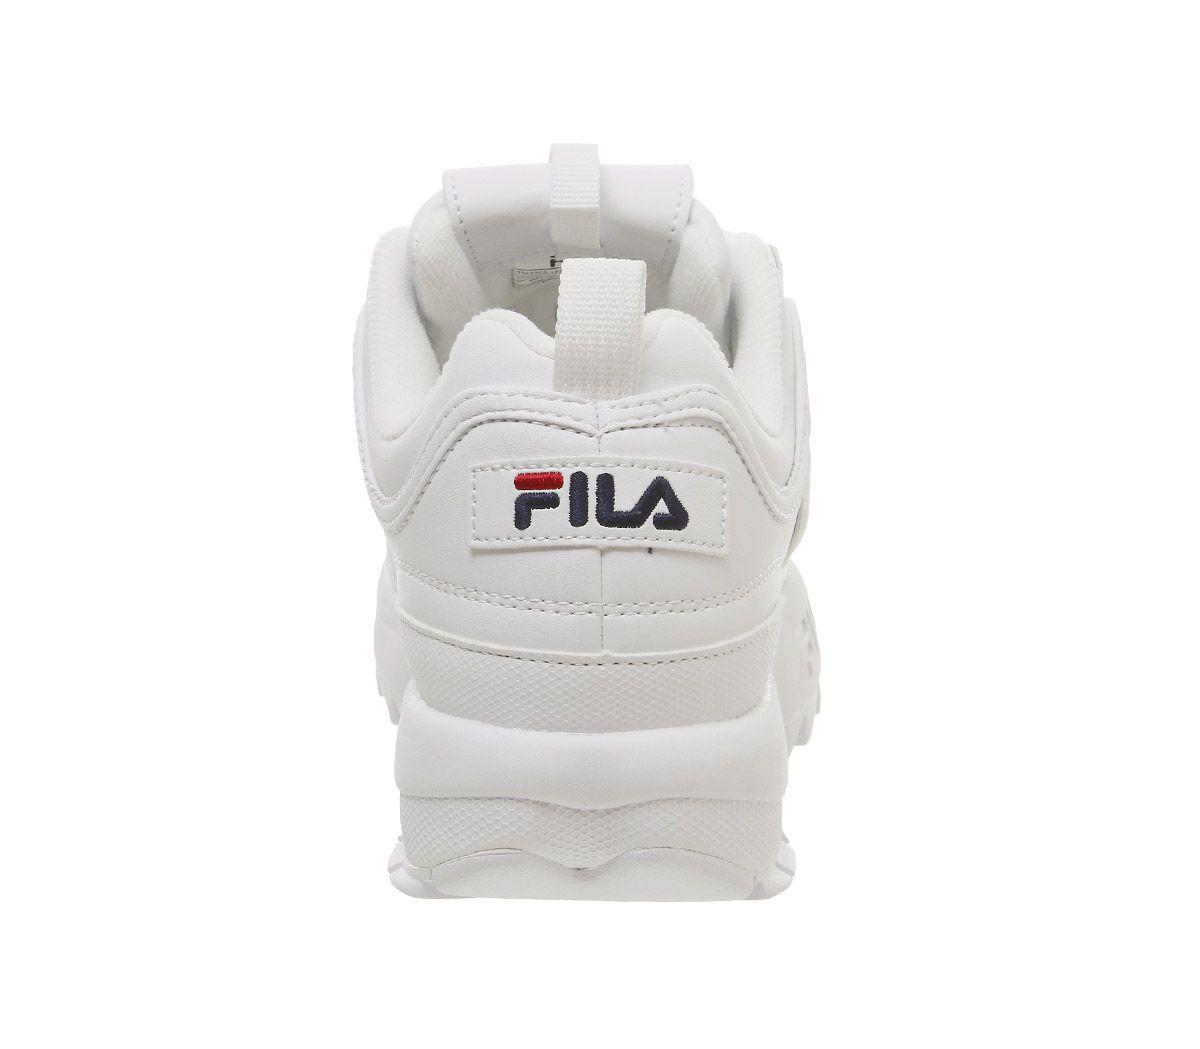 Donna-Fila-Disruptor-II-Scarpe-Sportive-pelle-Bianca-G-Scarpe-da-Ginnastica miniatura 14